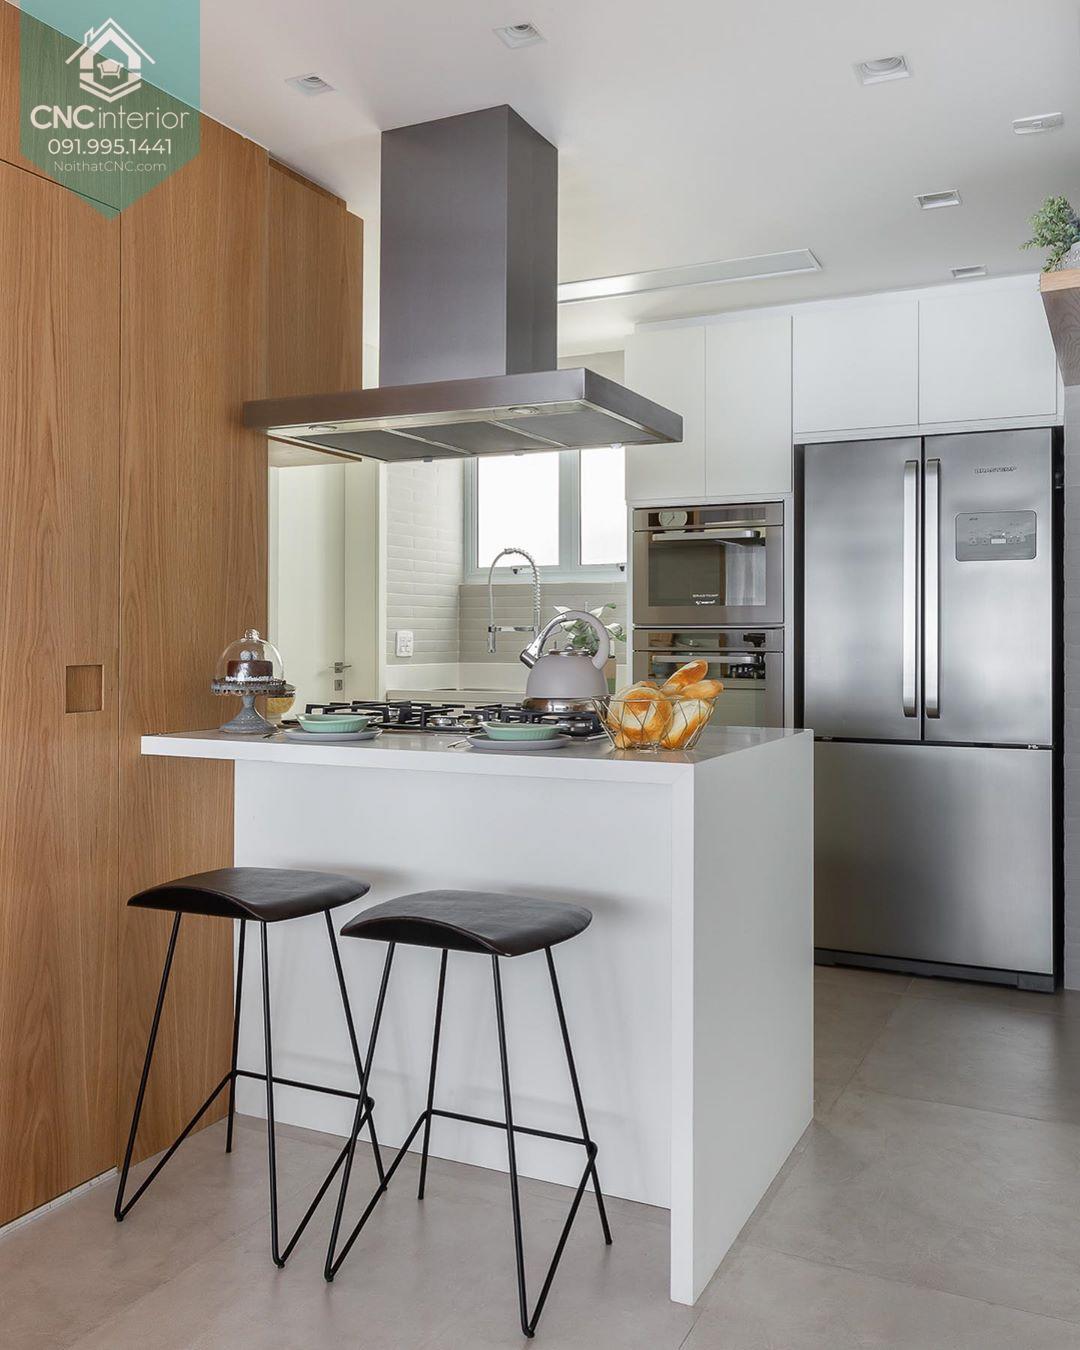 Nhà bếp nhỏ hiện đại 2